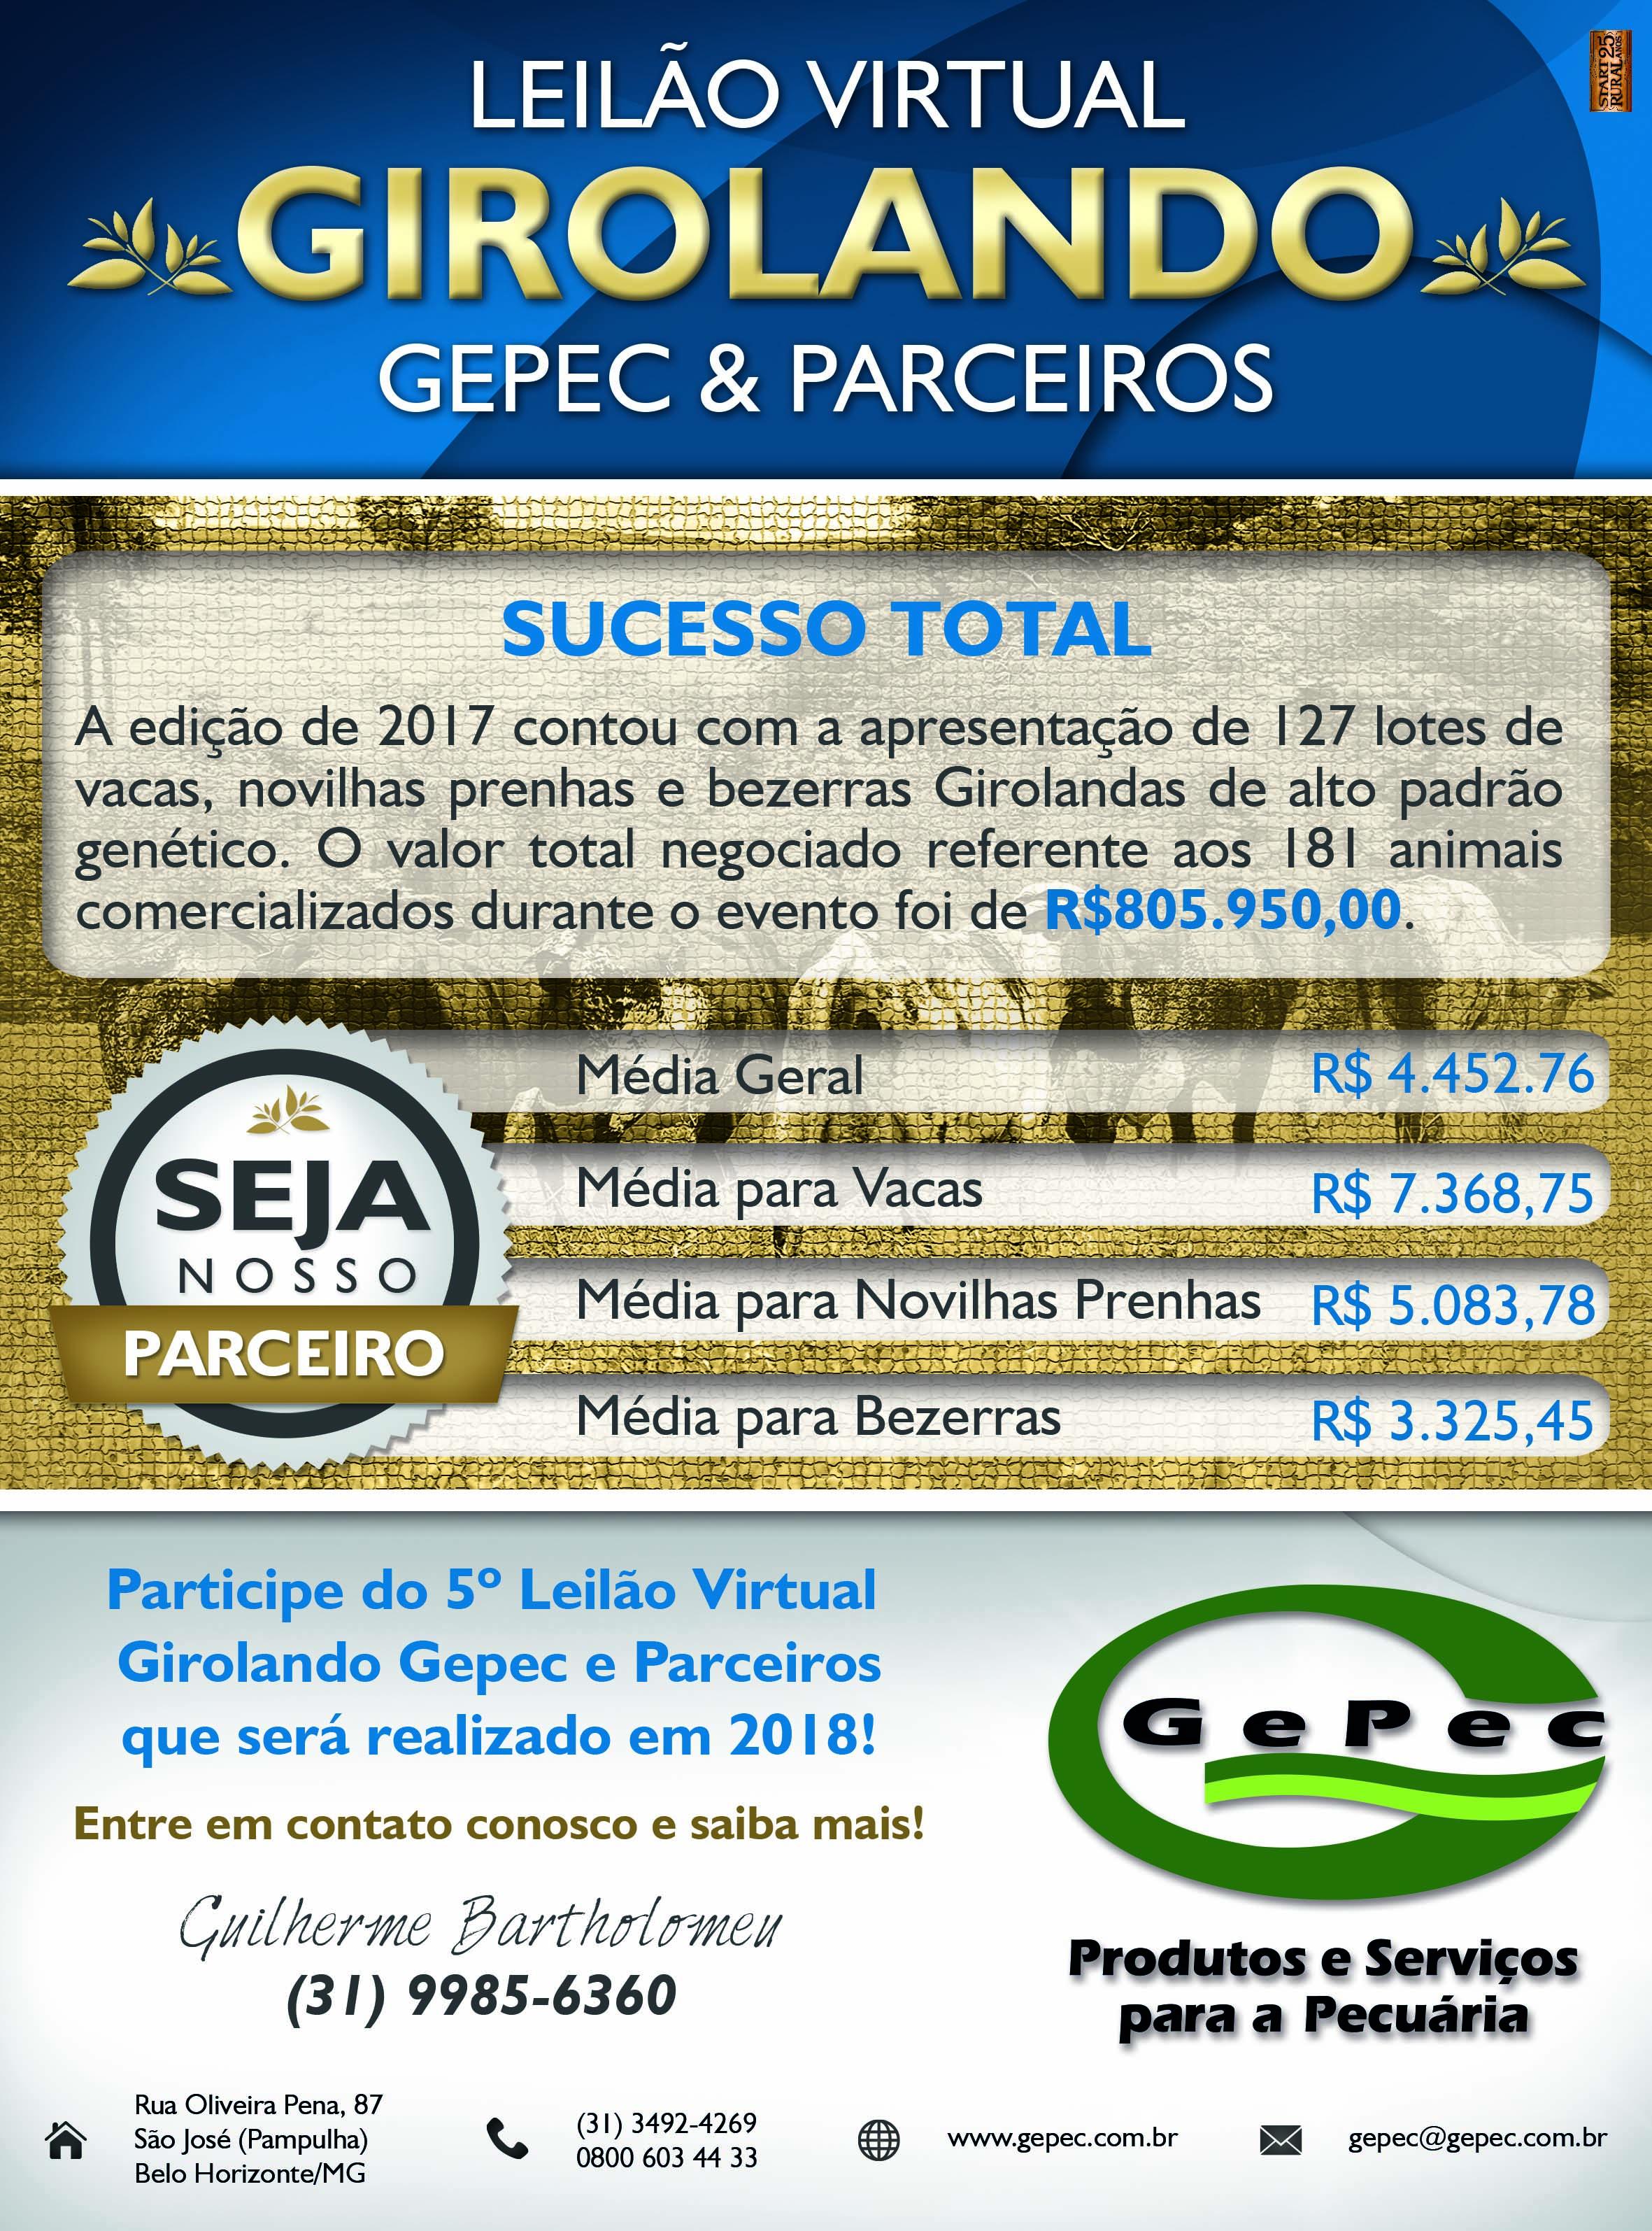 Leilão Gepec 2018! Participe!